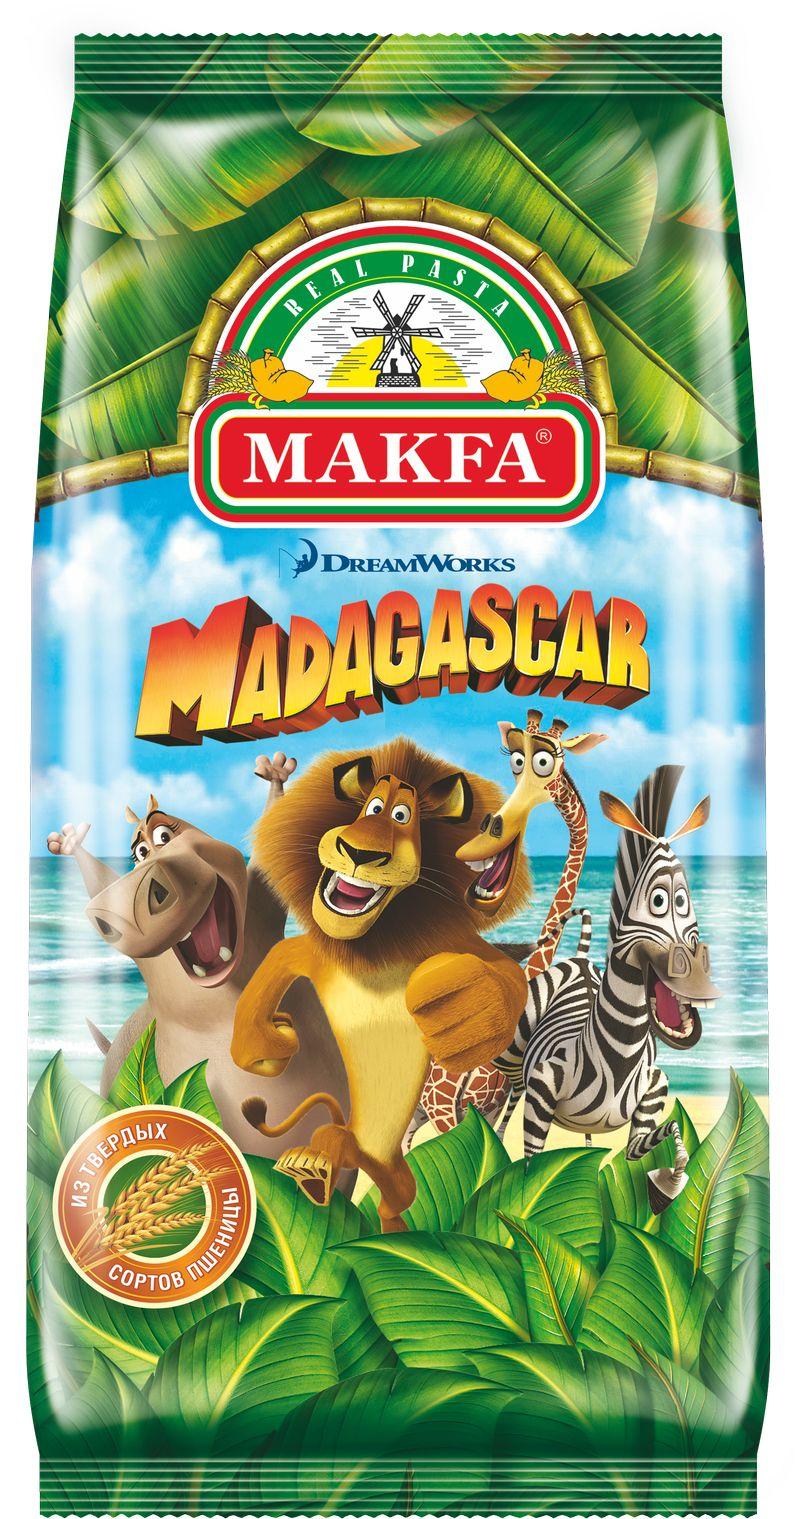 Makfa Madagascar макароны, 300 г297-12Что может быть увлекательнее, чем обед или ужин в компании любимых героев из популярного мультфильма!Макаронные изделия Мадагаскар MAKFA выполнены в форме десяти любимых героев мультфильма Мадагаскар студии Dream Works.Лев Алекс, Зебра Марти, Бегемотиха Глория, Жираф Мелман, Король Джулиан и веселые Пингвины помогут накормить даже самого капризного ребенка.